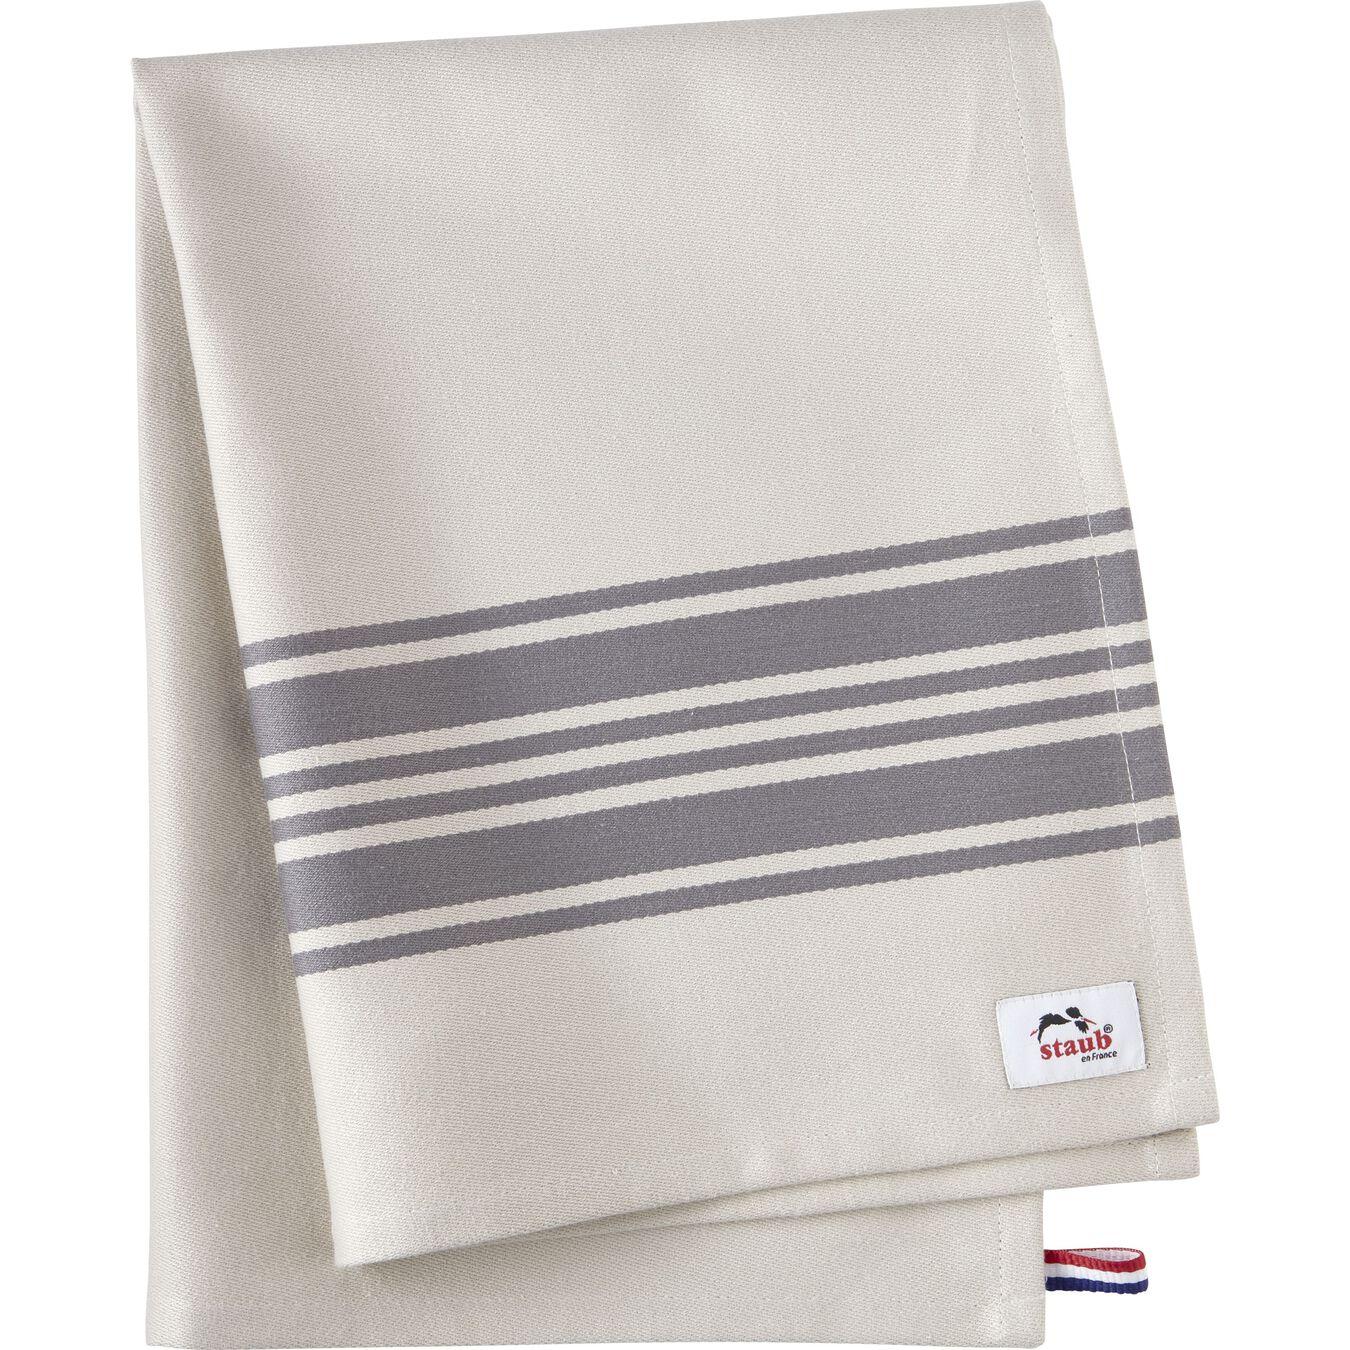 70 cm x 50 cm Cotton Kitchen towel, Grey,,large 1